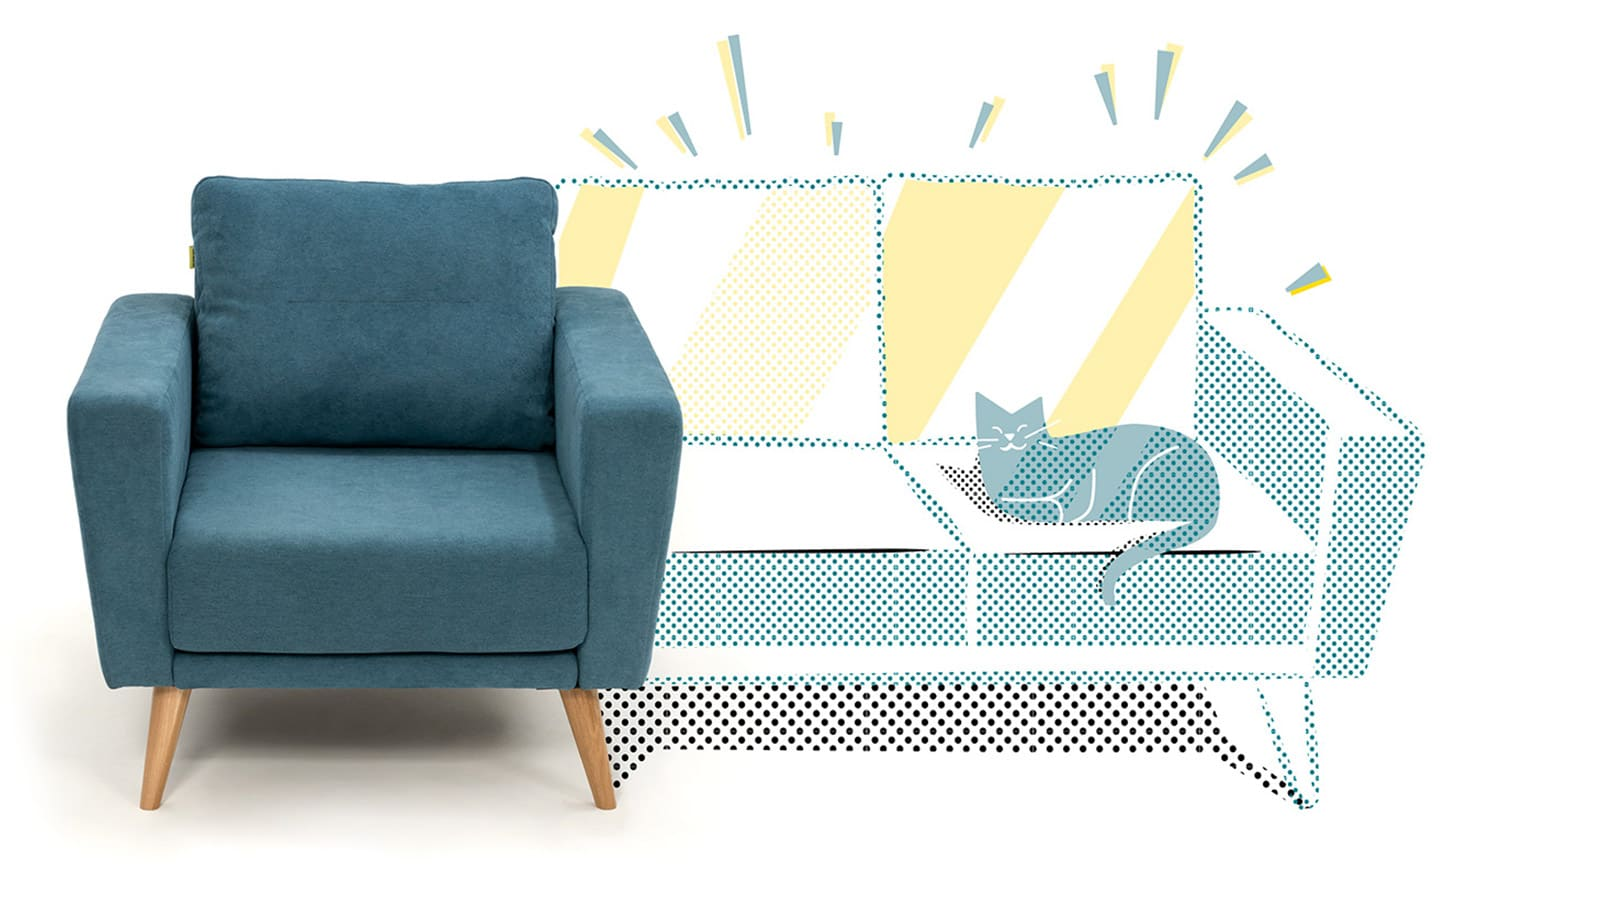 Full Size of Kleines Sofa Zustzliche Module Und Erweiterungen Onlineshop Sitzhöhe 55 Cm Bad Renovieren Machalke 3 2 1 Sitzer Langes überzug überwurf Kunstleder Liege Sofa Kleines Sofa